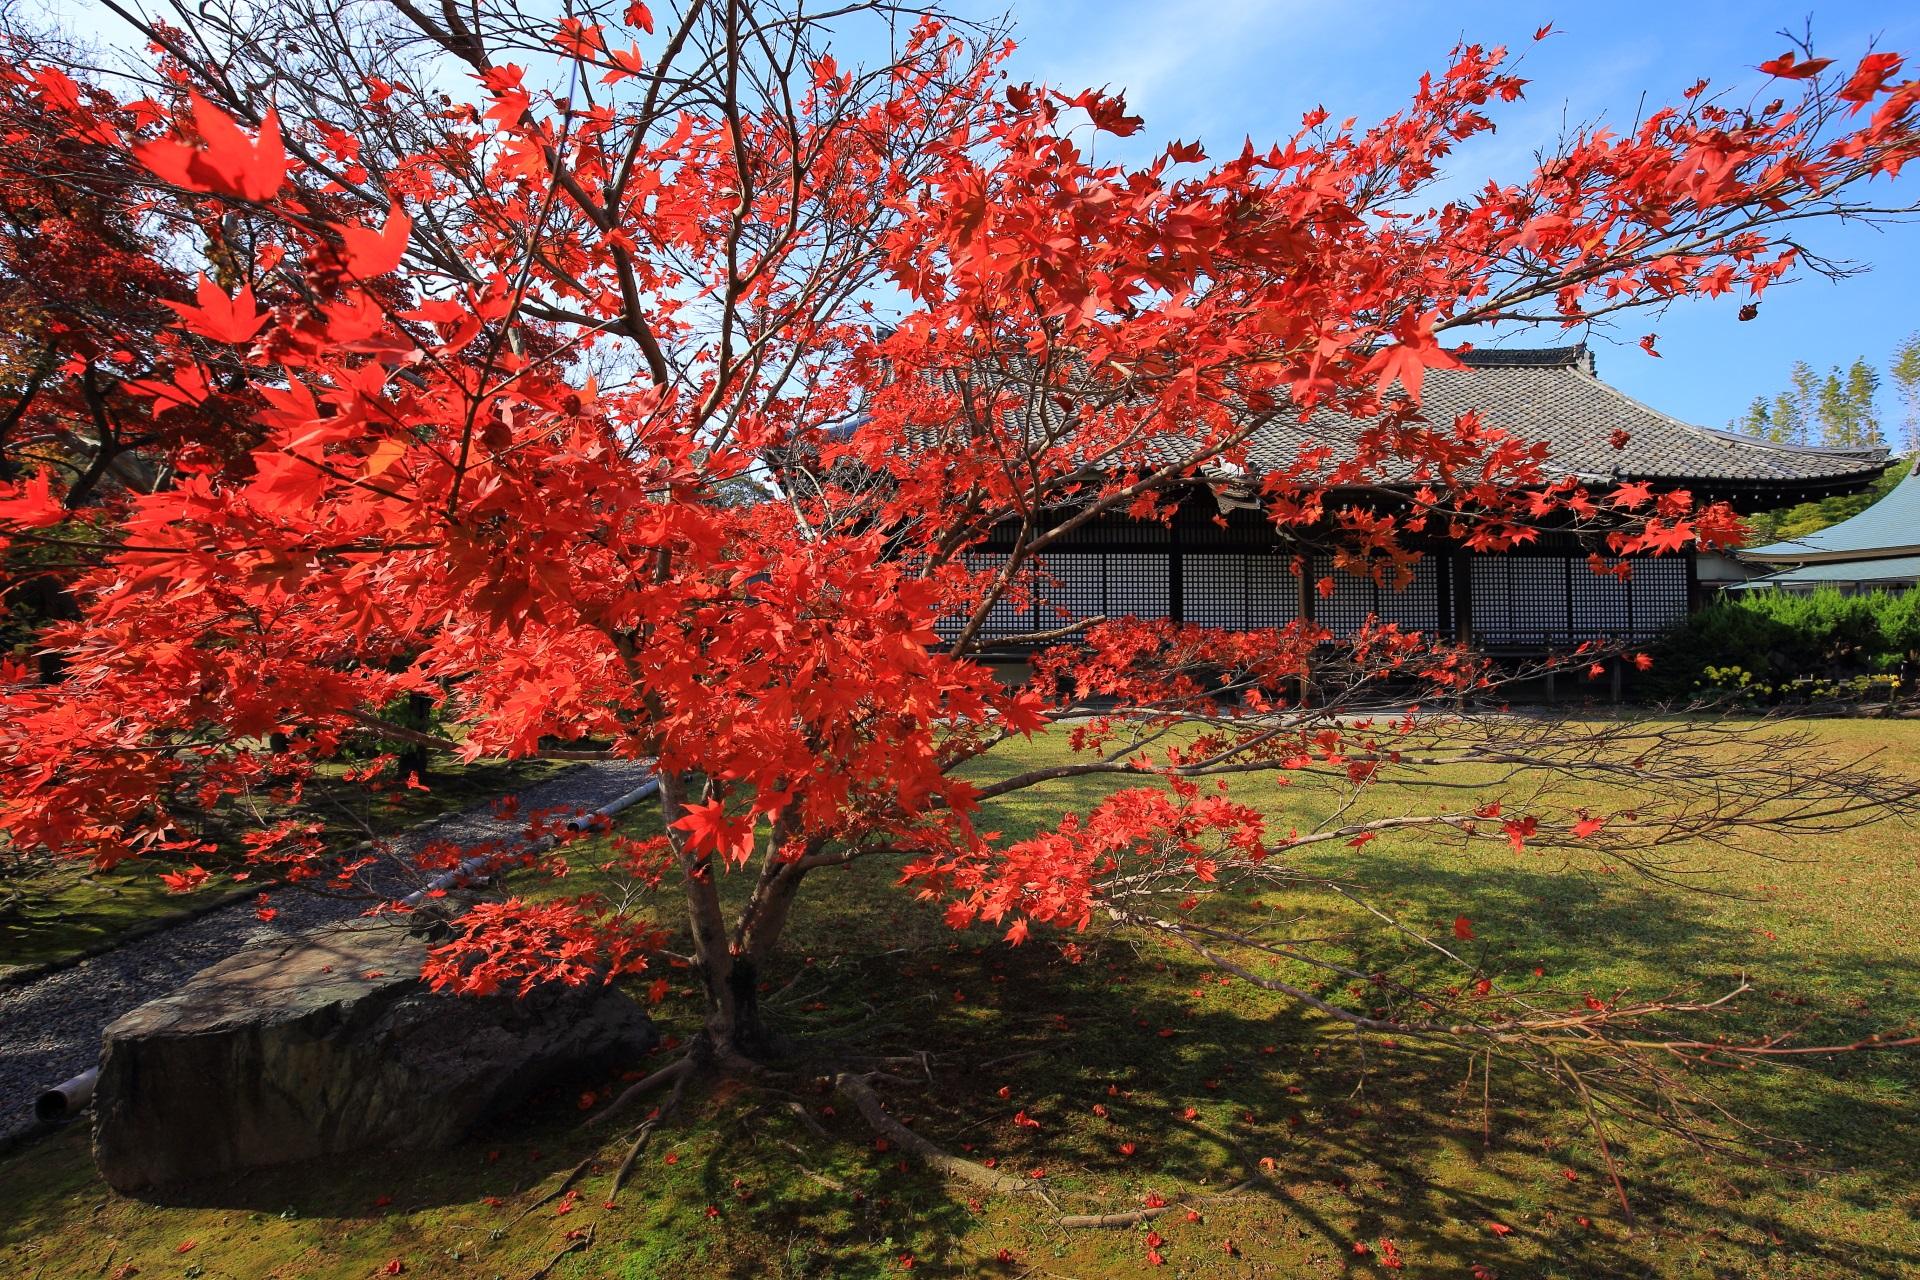 勧修寺の宸殿と見ごろの鮮やかな紅葉